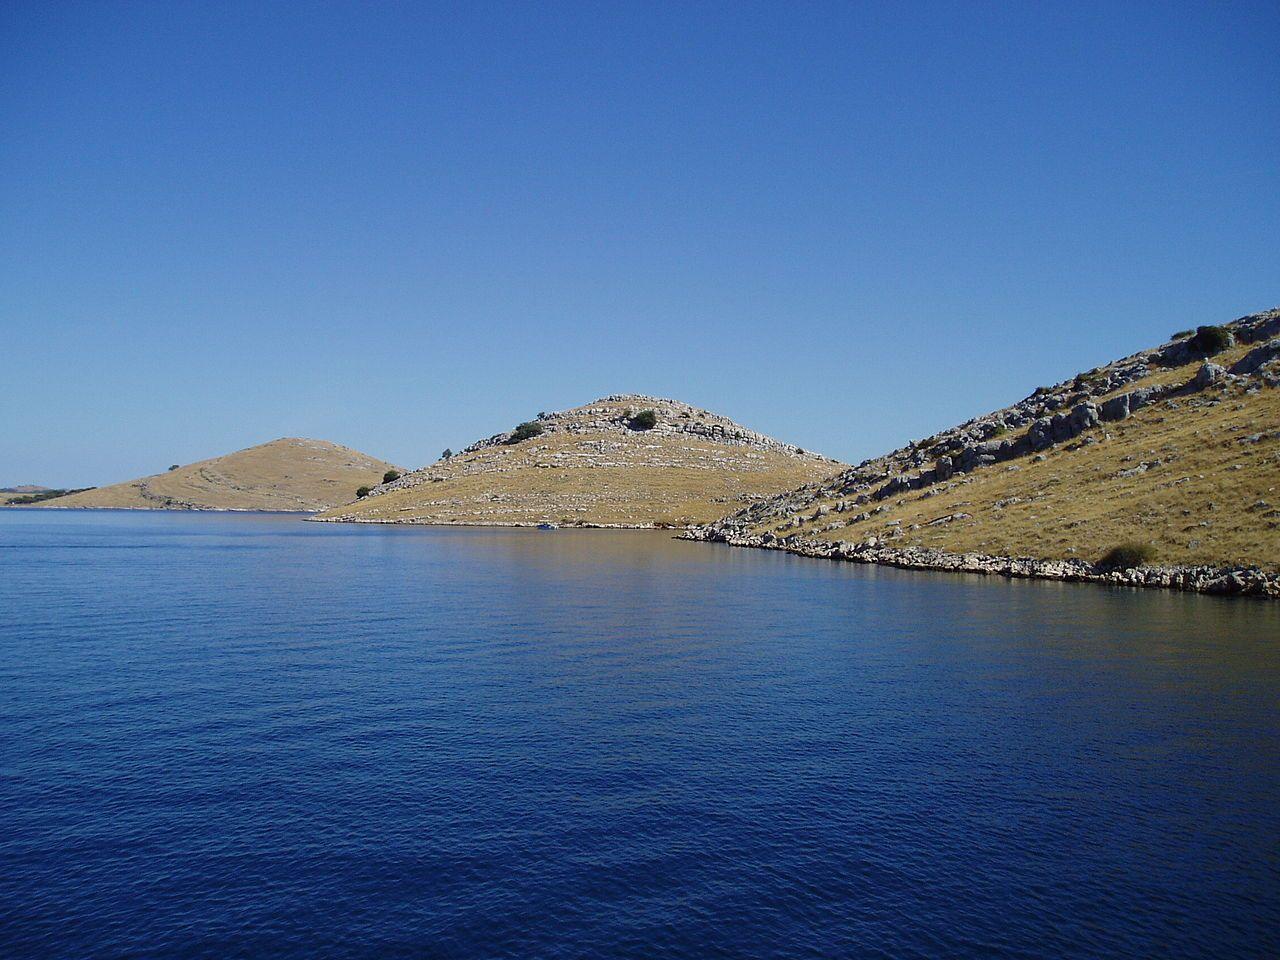 ациональный парк Корнаты. Дикие острова